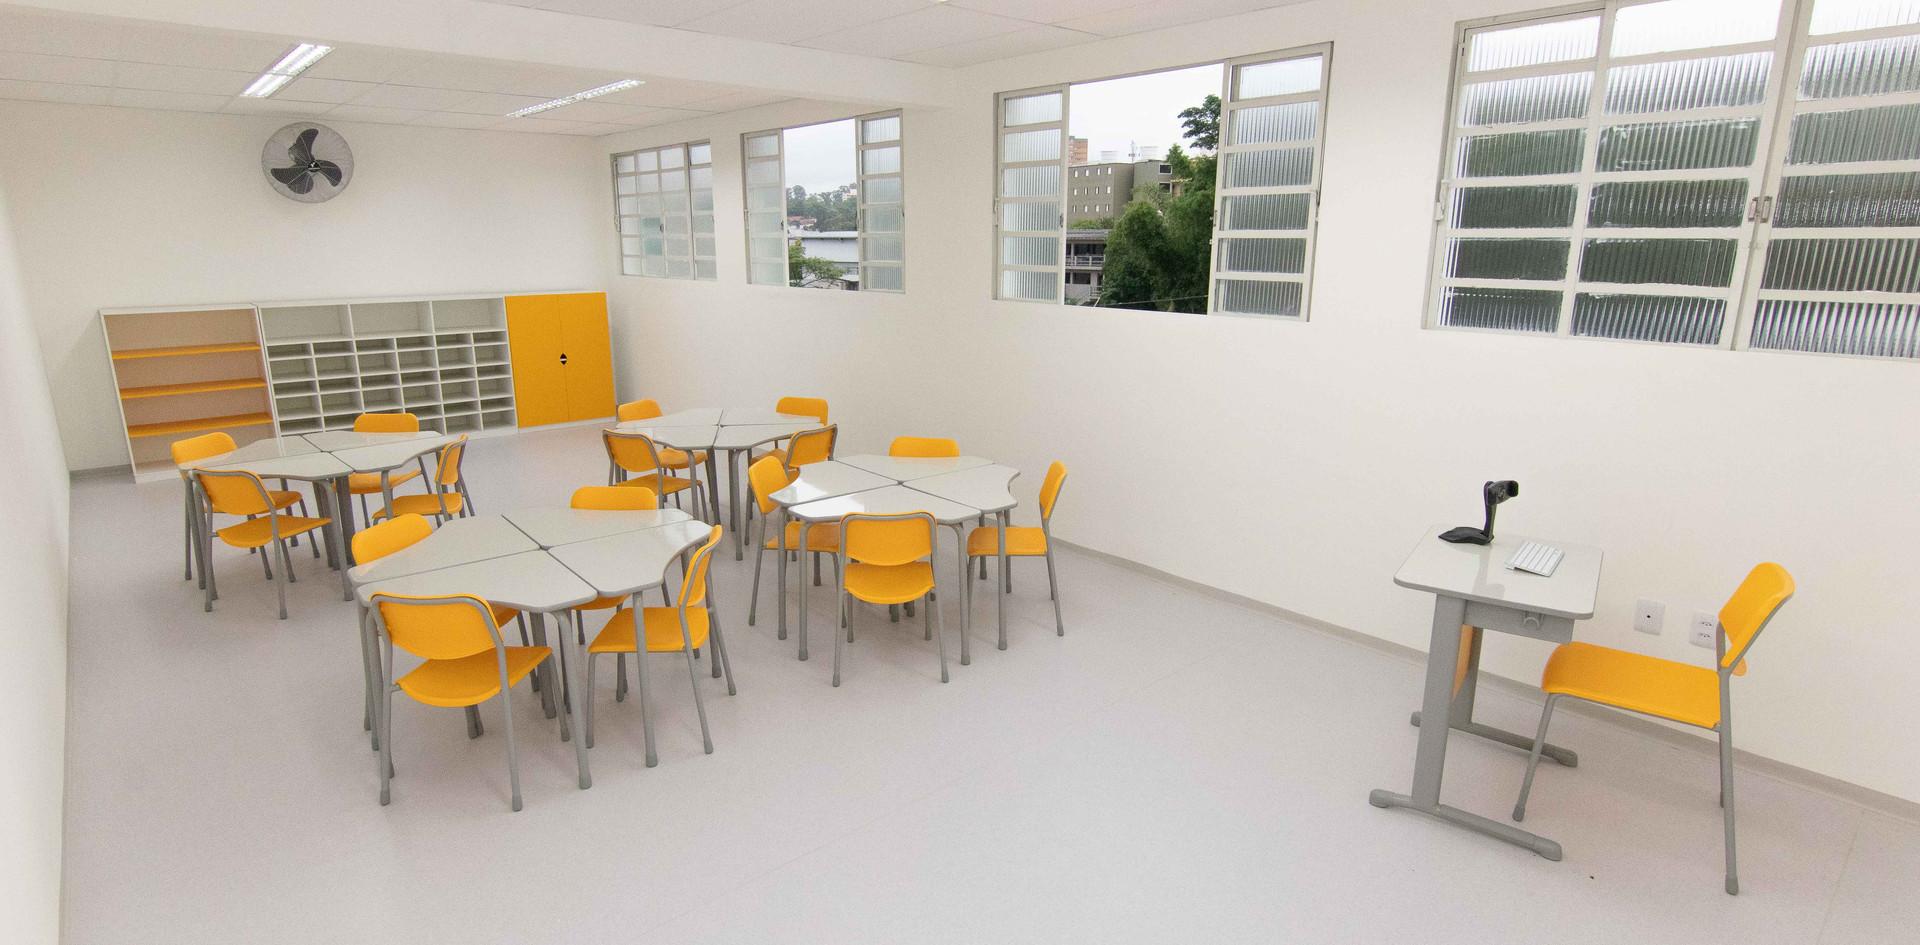 Colegio Lua infraestrutura-7.jpg